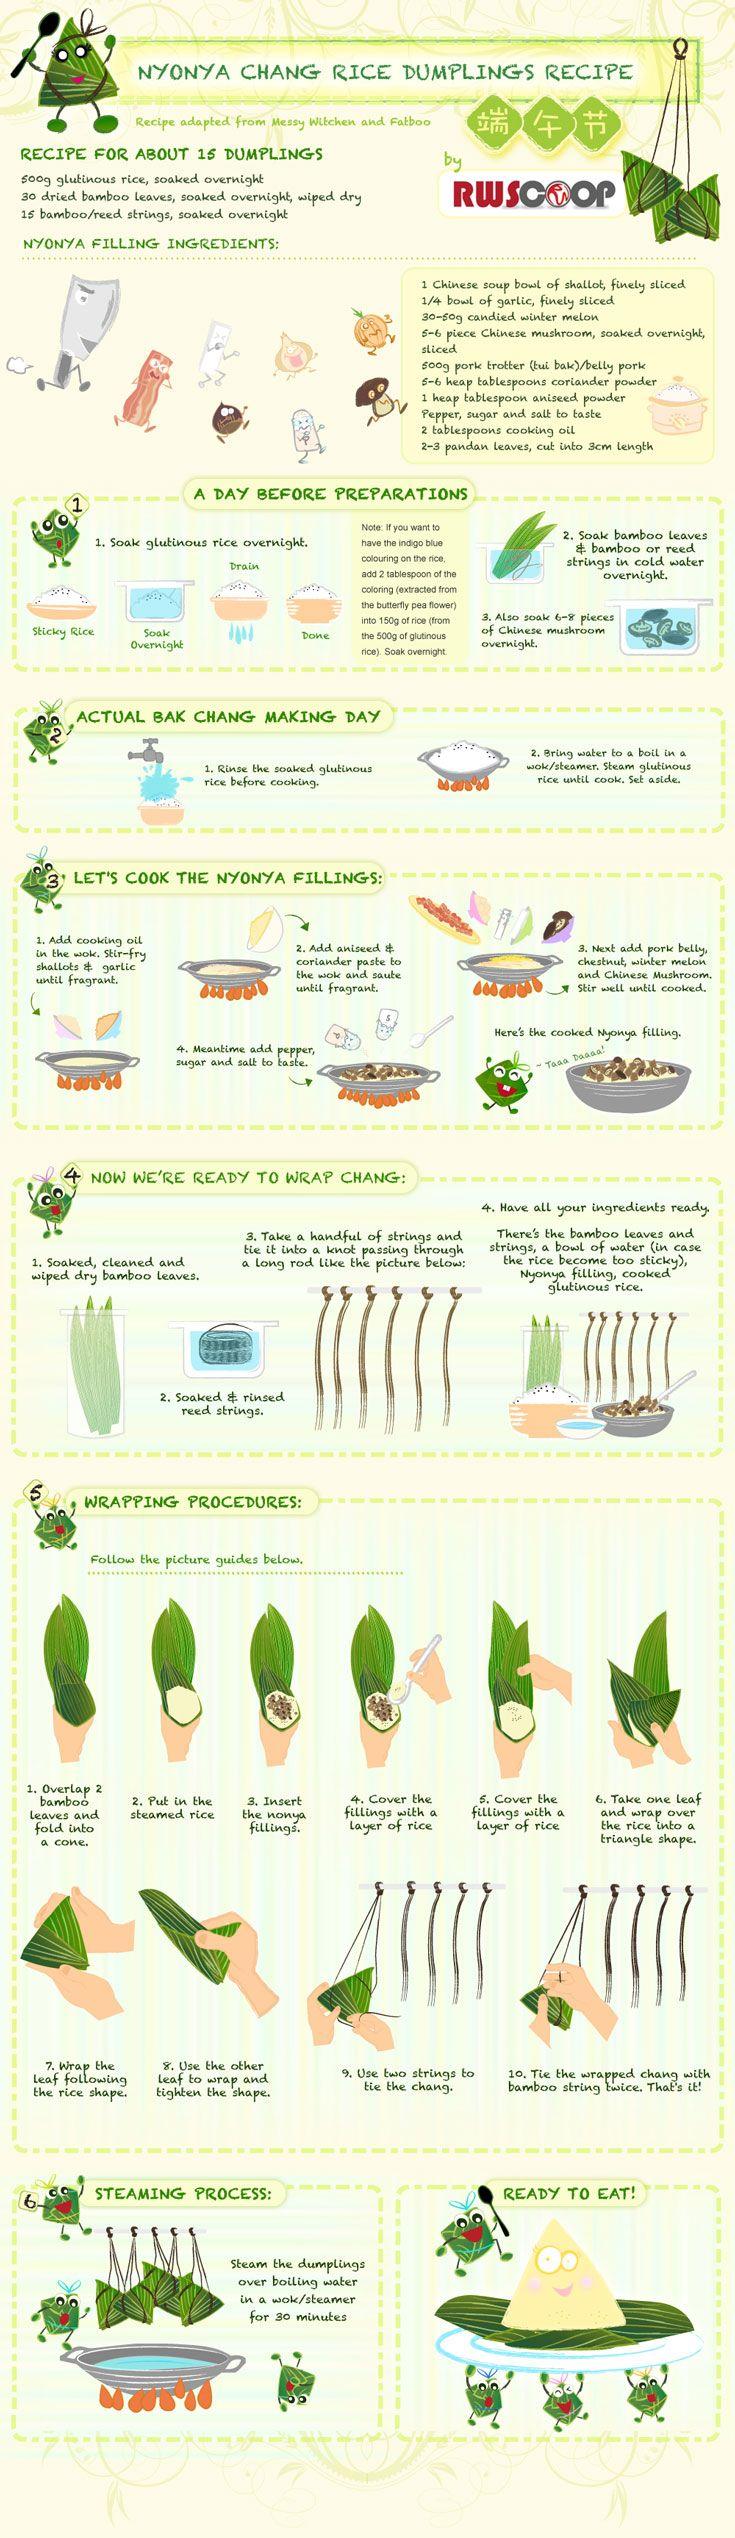 How to make Nyonya rice dumpling, by RWScoop